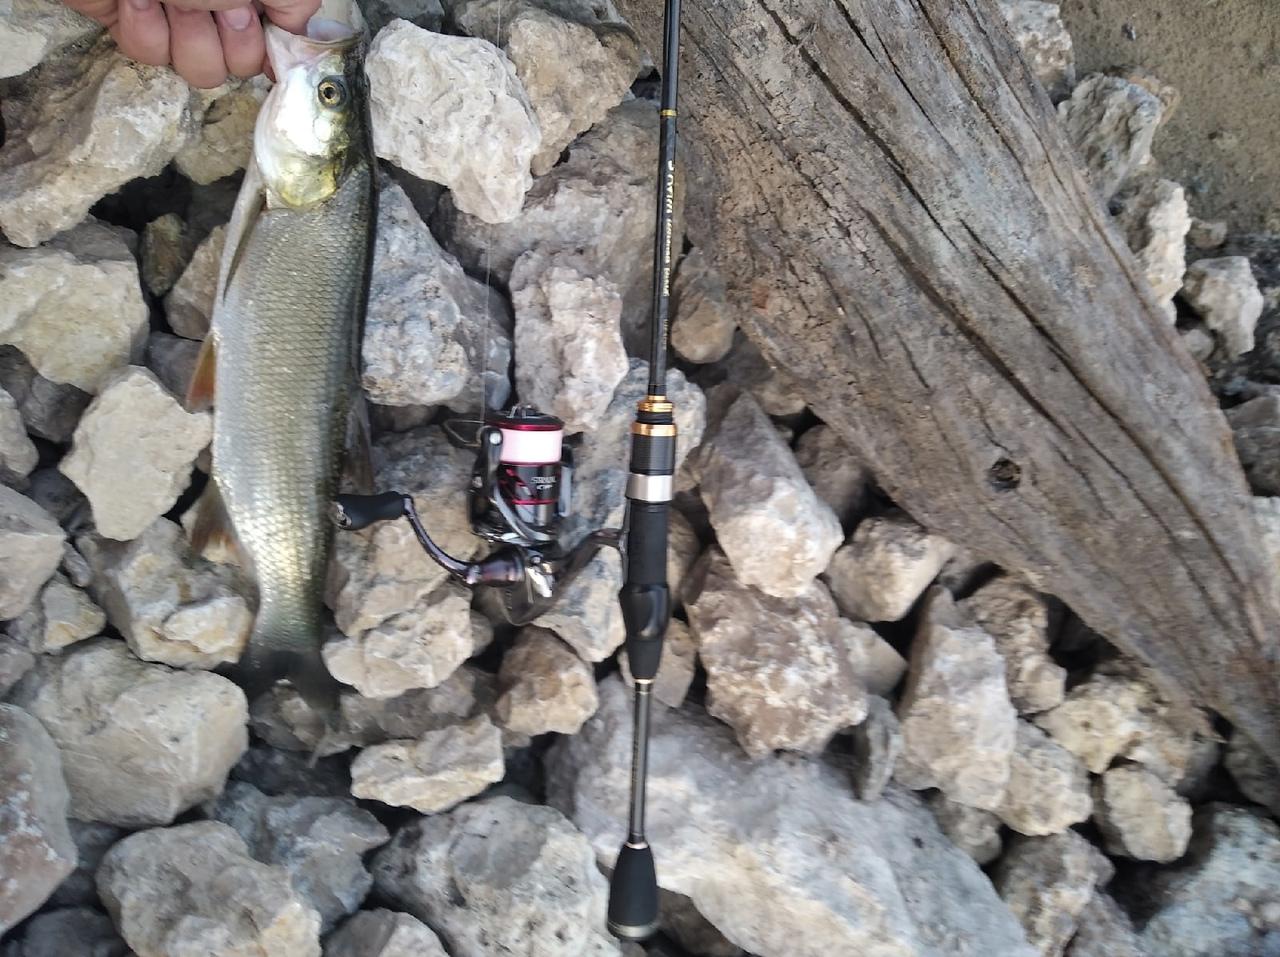 Отчет о рыбалке: Река Быстрая Сосна — городской округ Елец — Елец — Центральный федеральный округ, Липецкая область